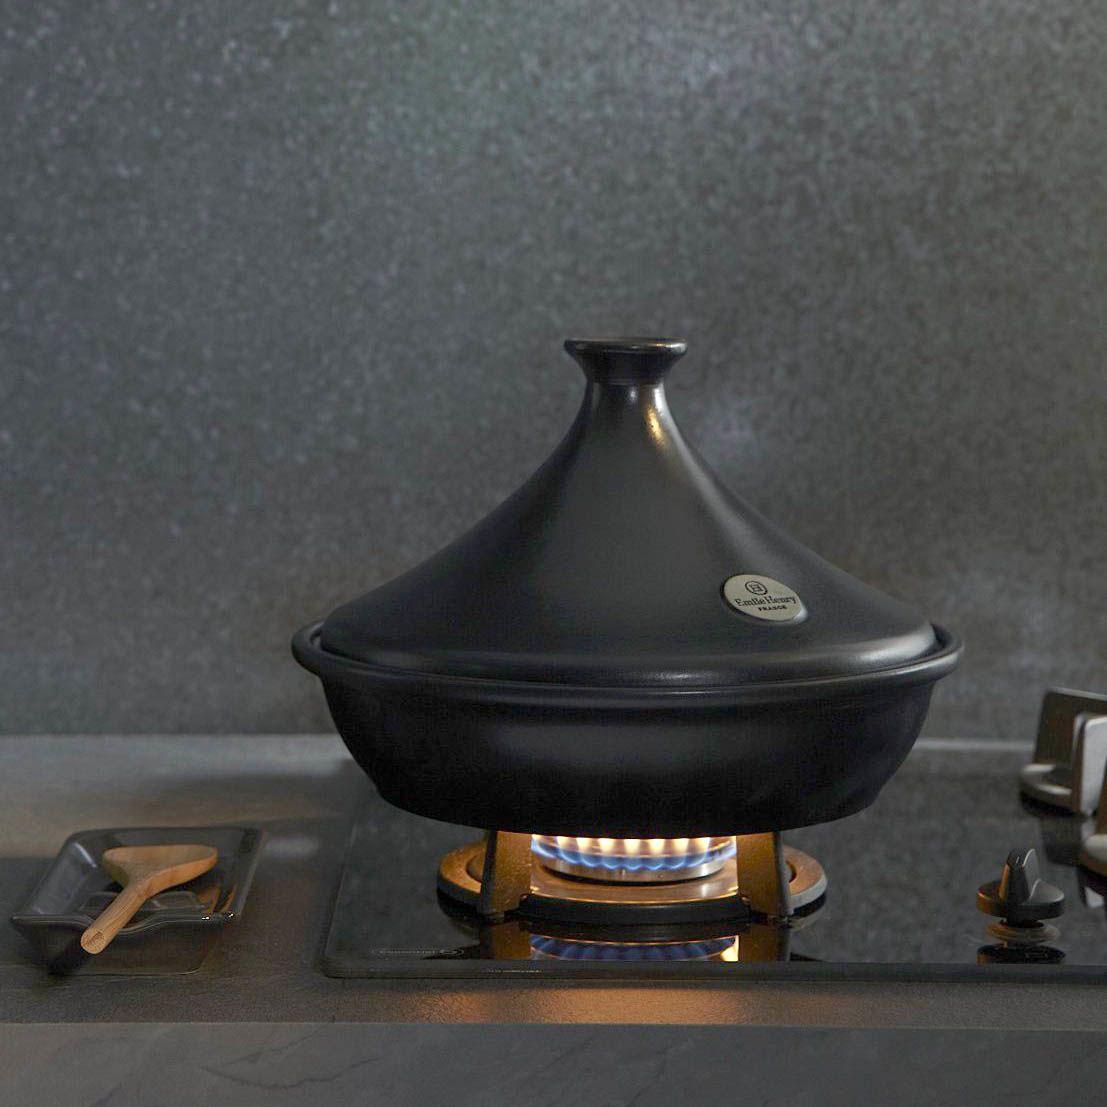 Тажин Emile Henry Flame Bleu Pavot большой 3.5 л керамический с крышкой